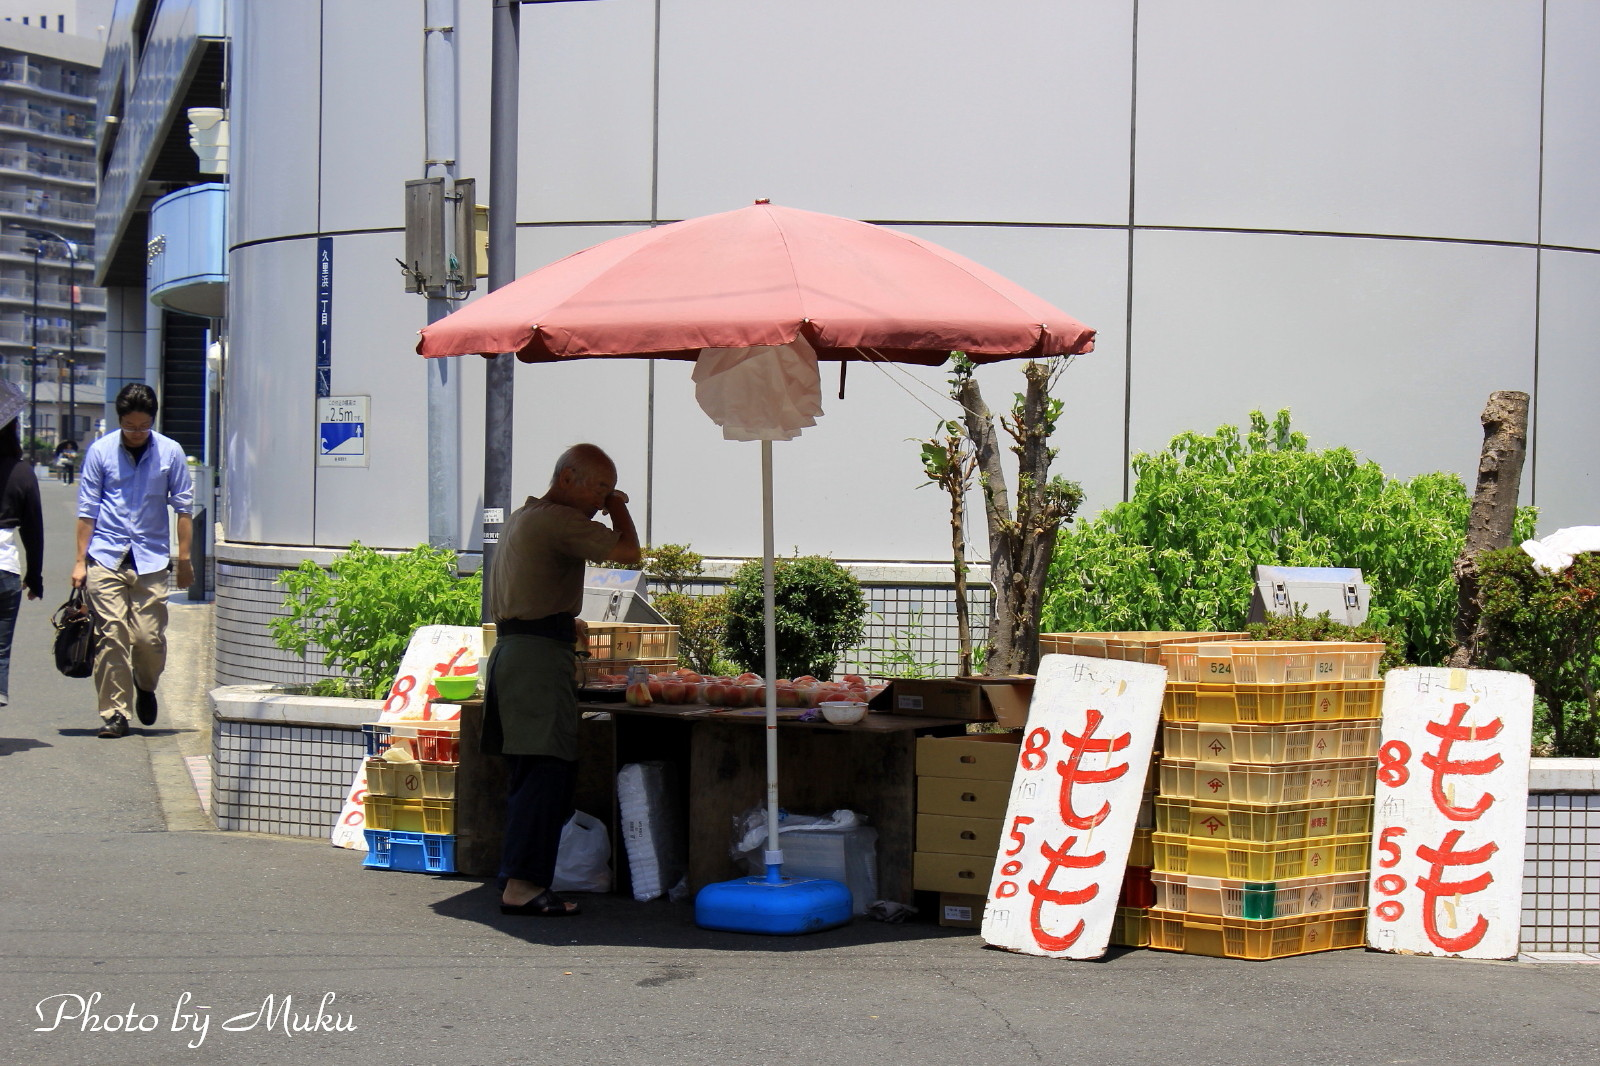 2014/07/26 露店(京急久里浜駅前:神奈川県横須賀市)